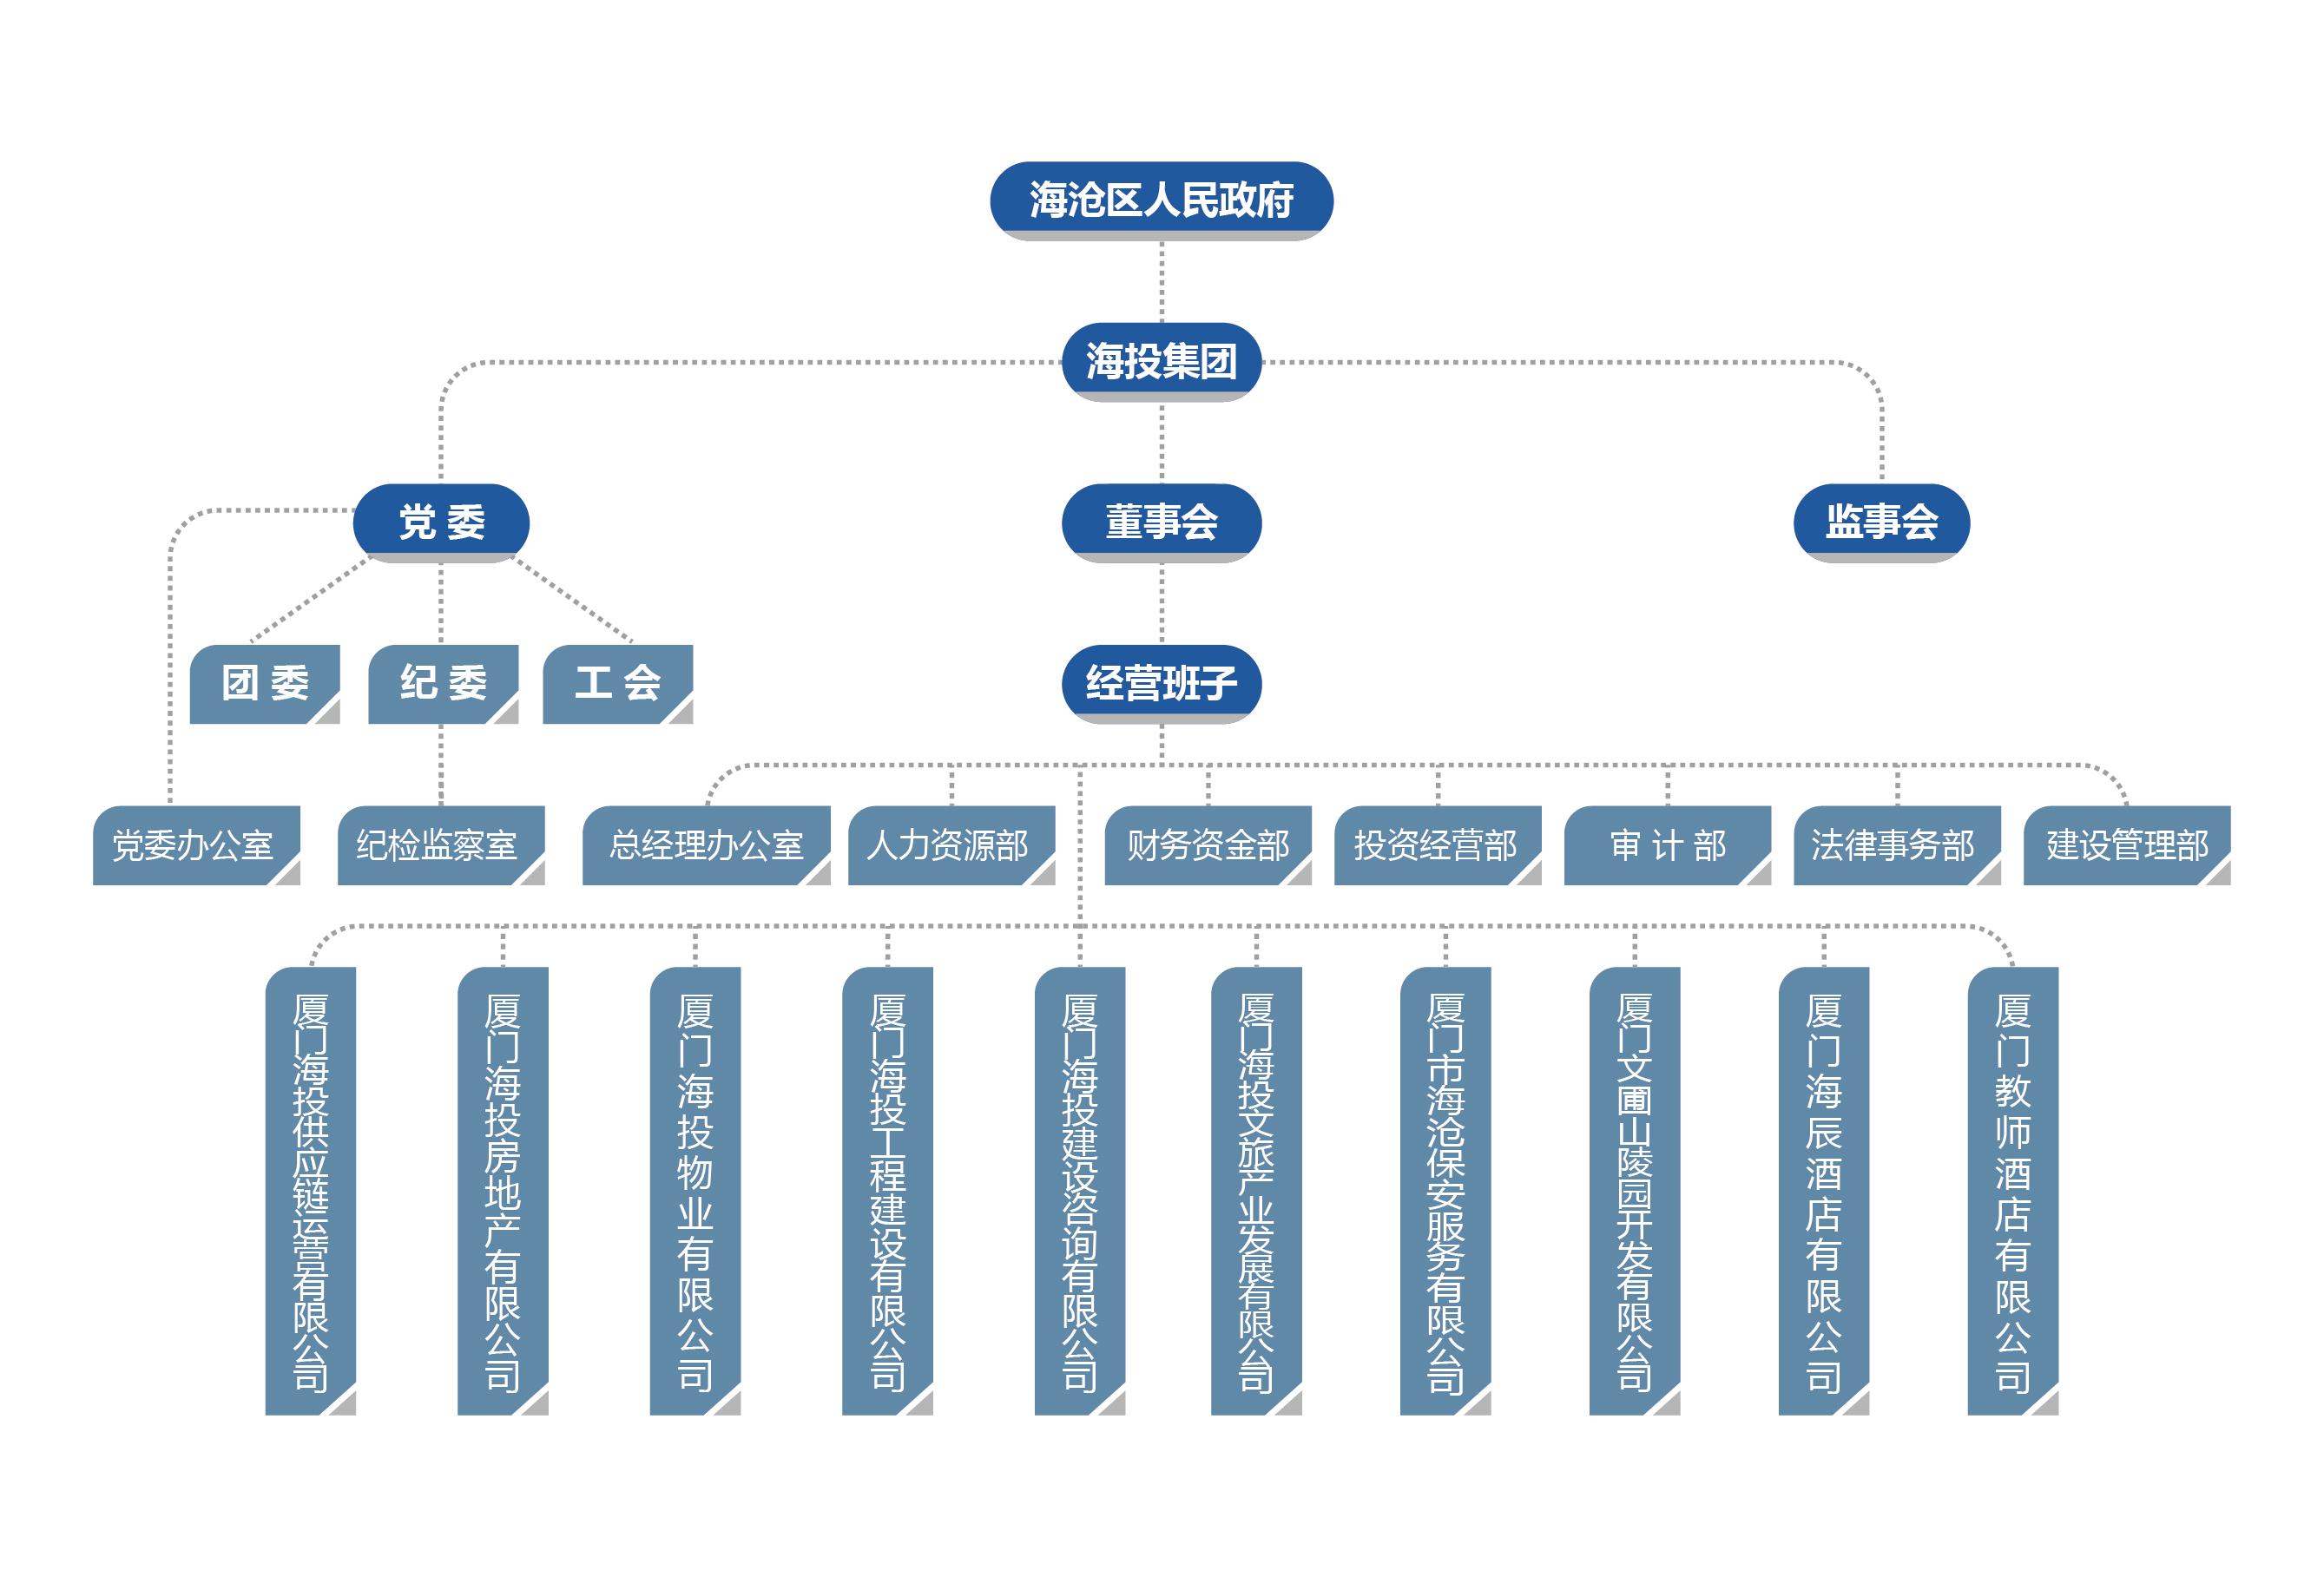 组织架构20211008.jpg